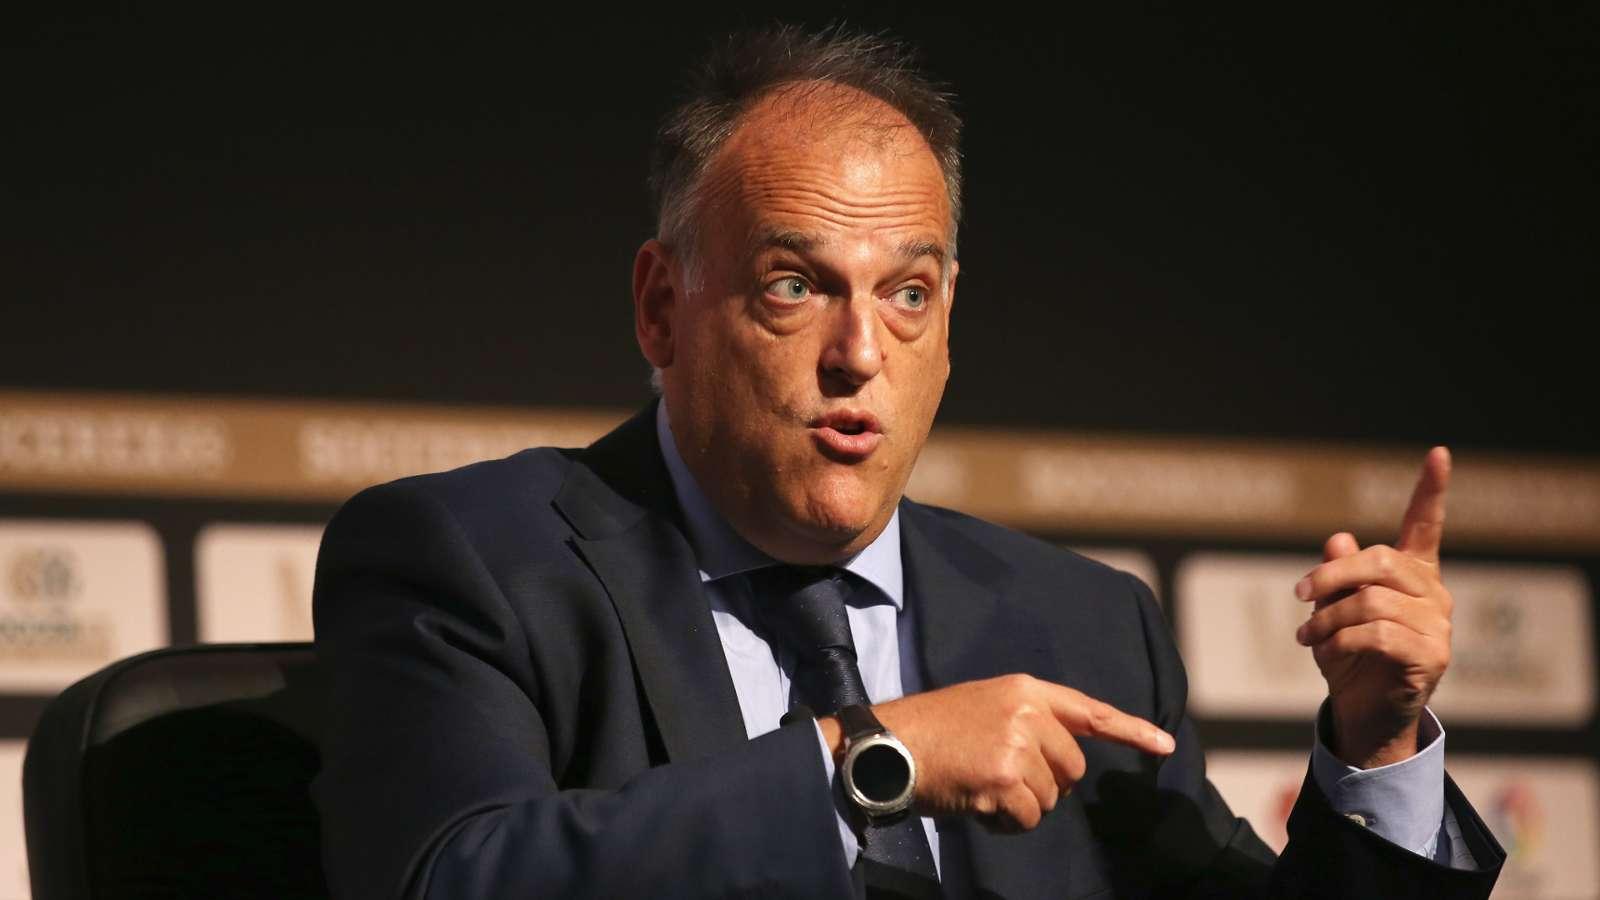 Javier Tebas is close to renewing his presidency of La Liga